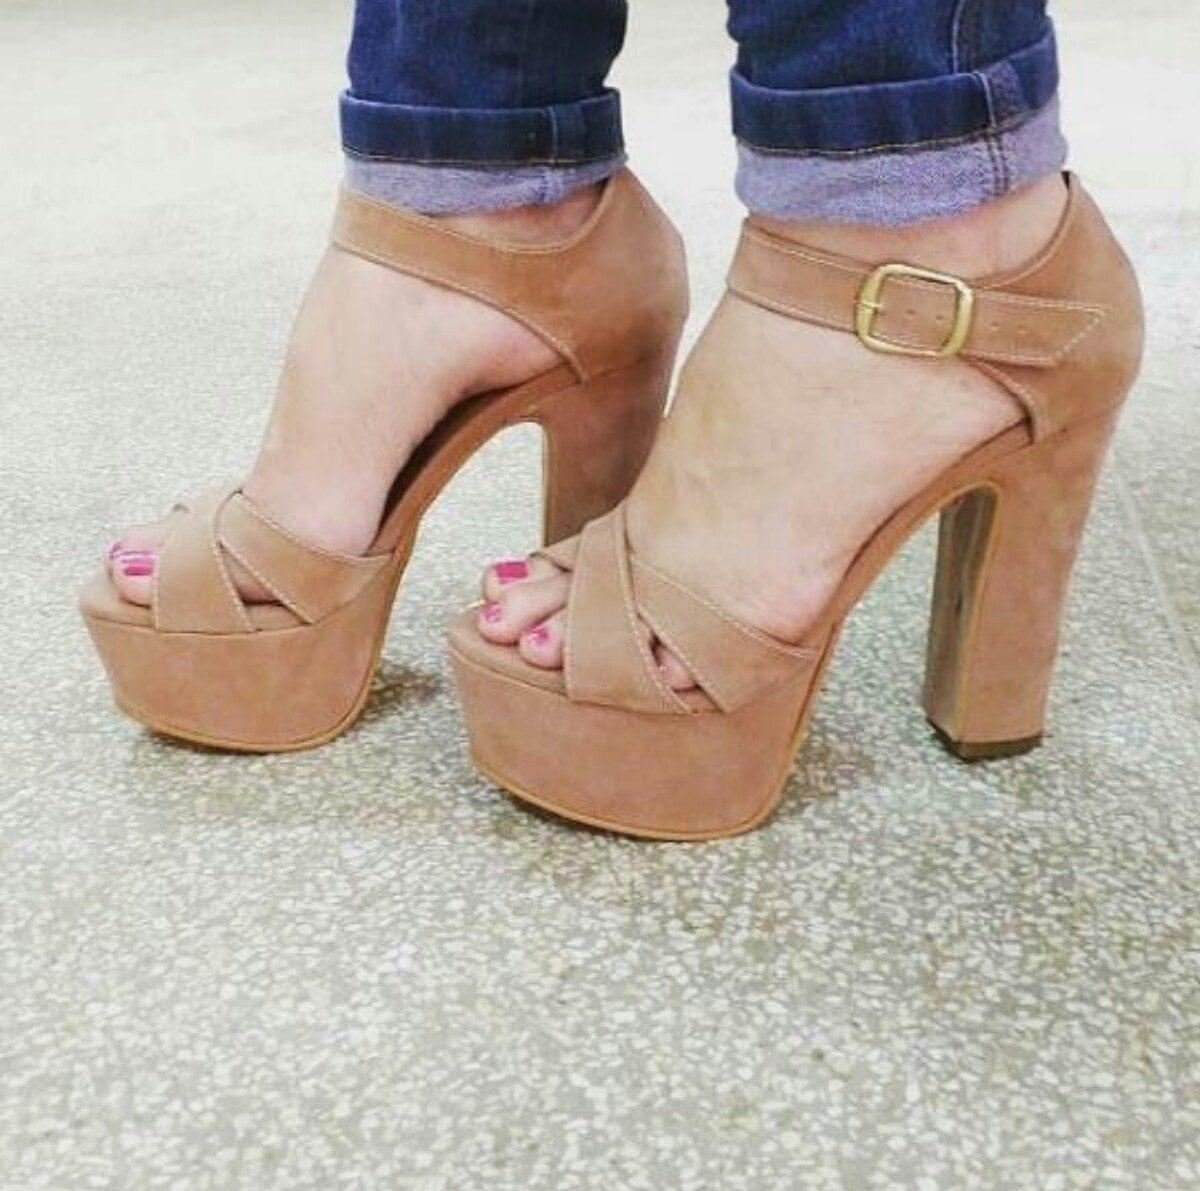 58a0ab5ff2 sapatos femininos sandálias plataforma festa balada. Carregando zoom.